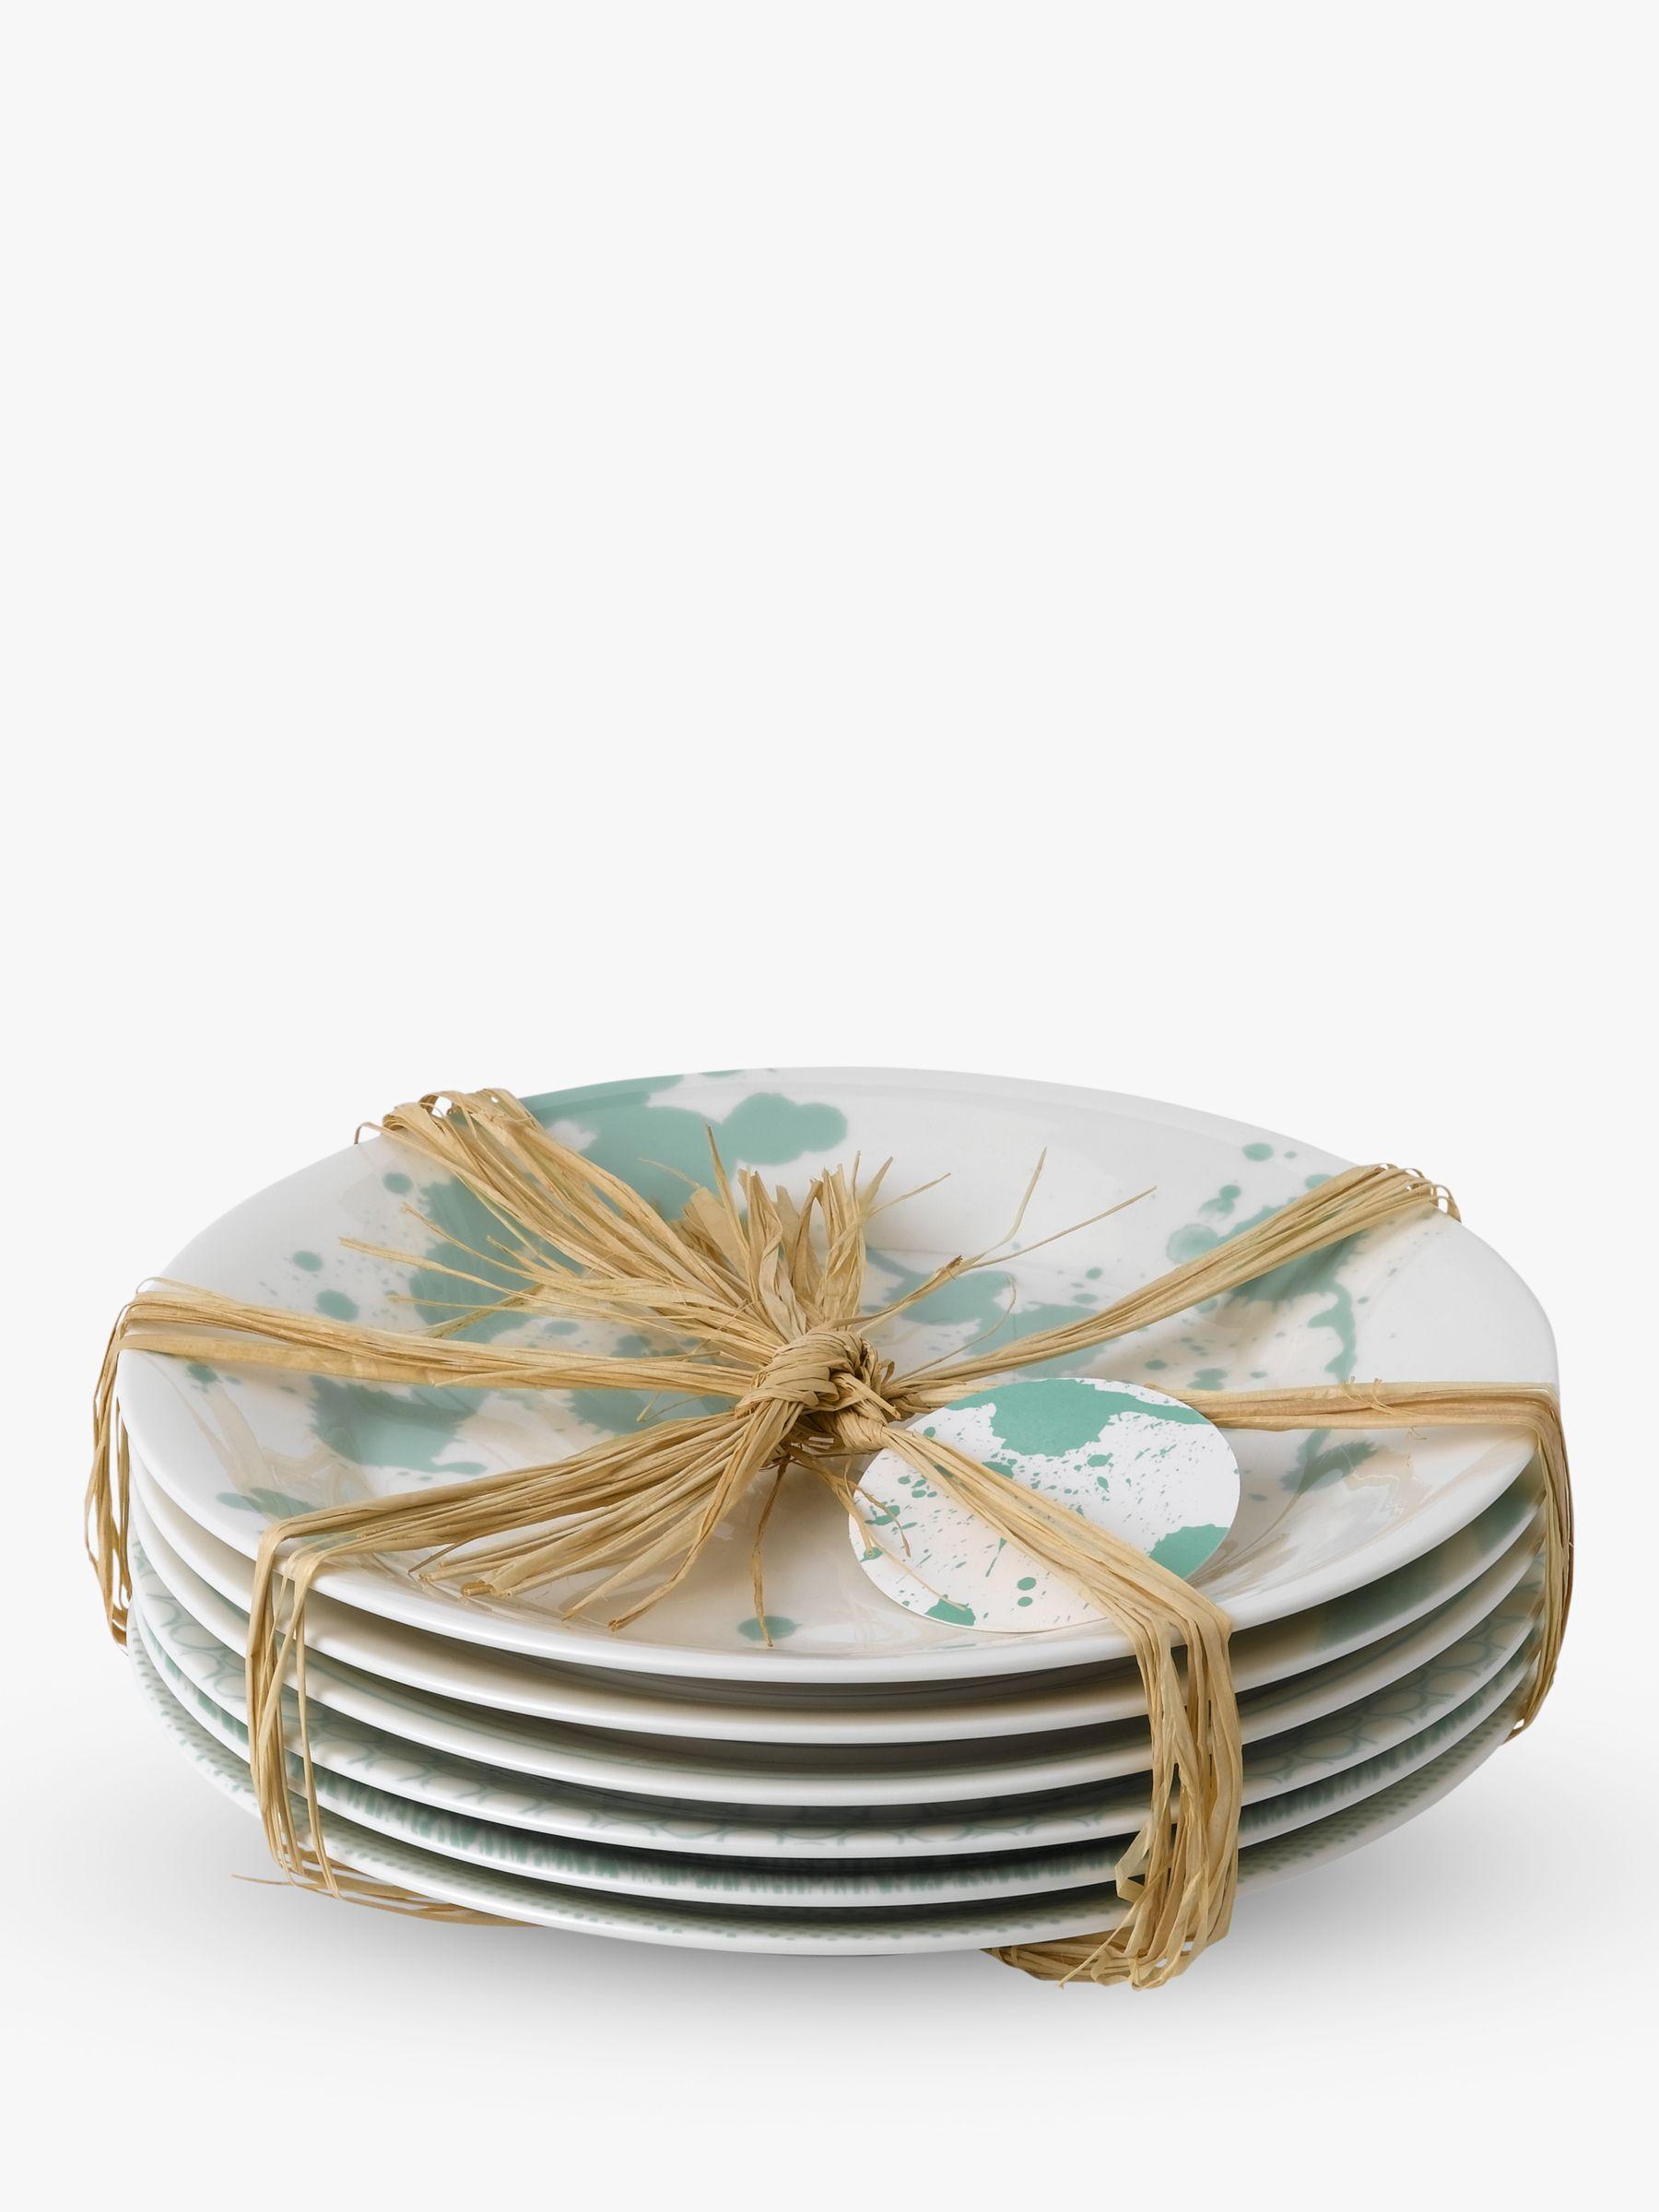 Royal Doulton Royal Doulton Pacific Porcelain Tapas Plates, Set of 6, 16cm, Mint